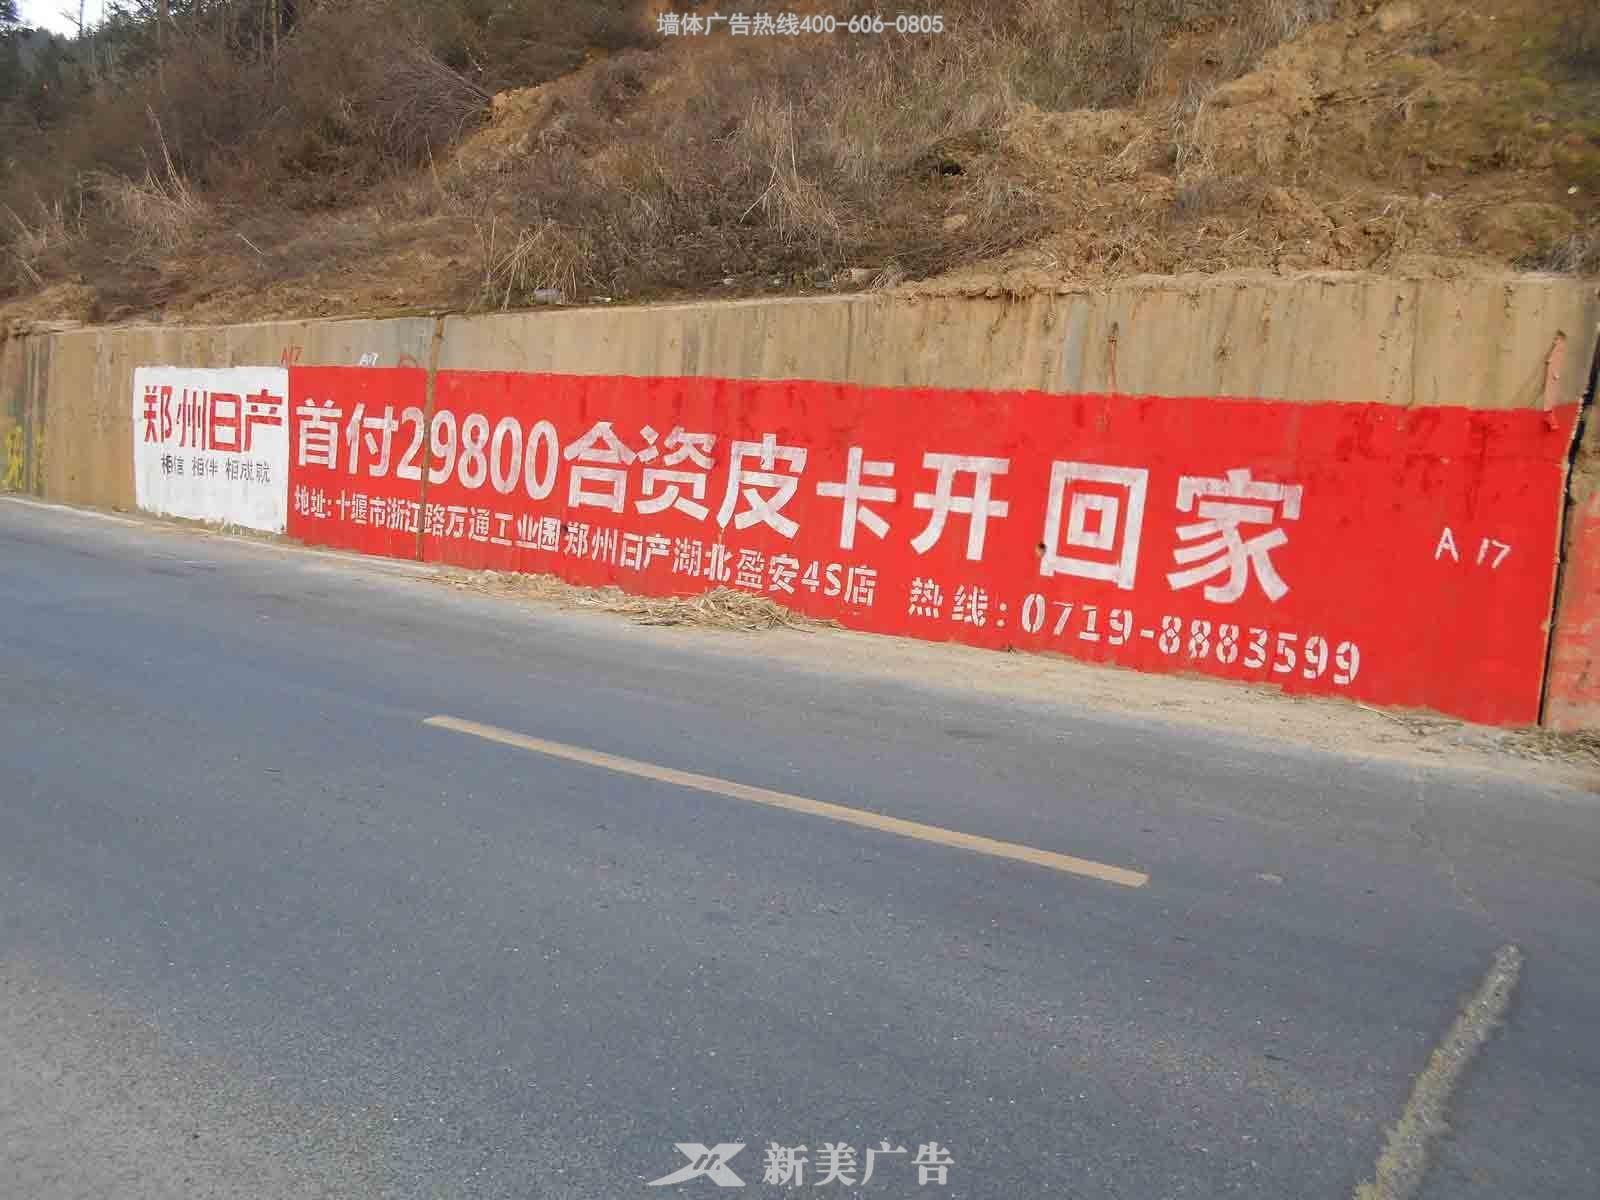 郑州日产第一批凤凰彩票极速pk10计划全天在线广告